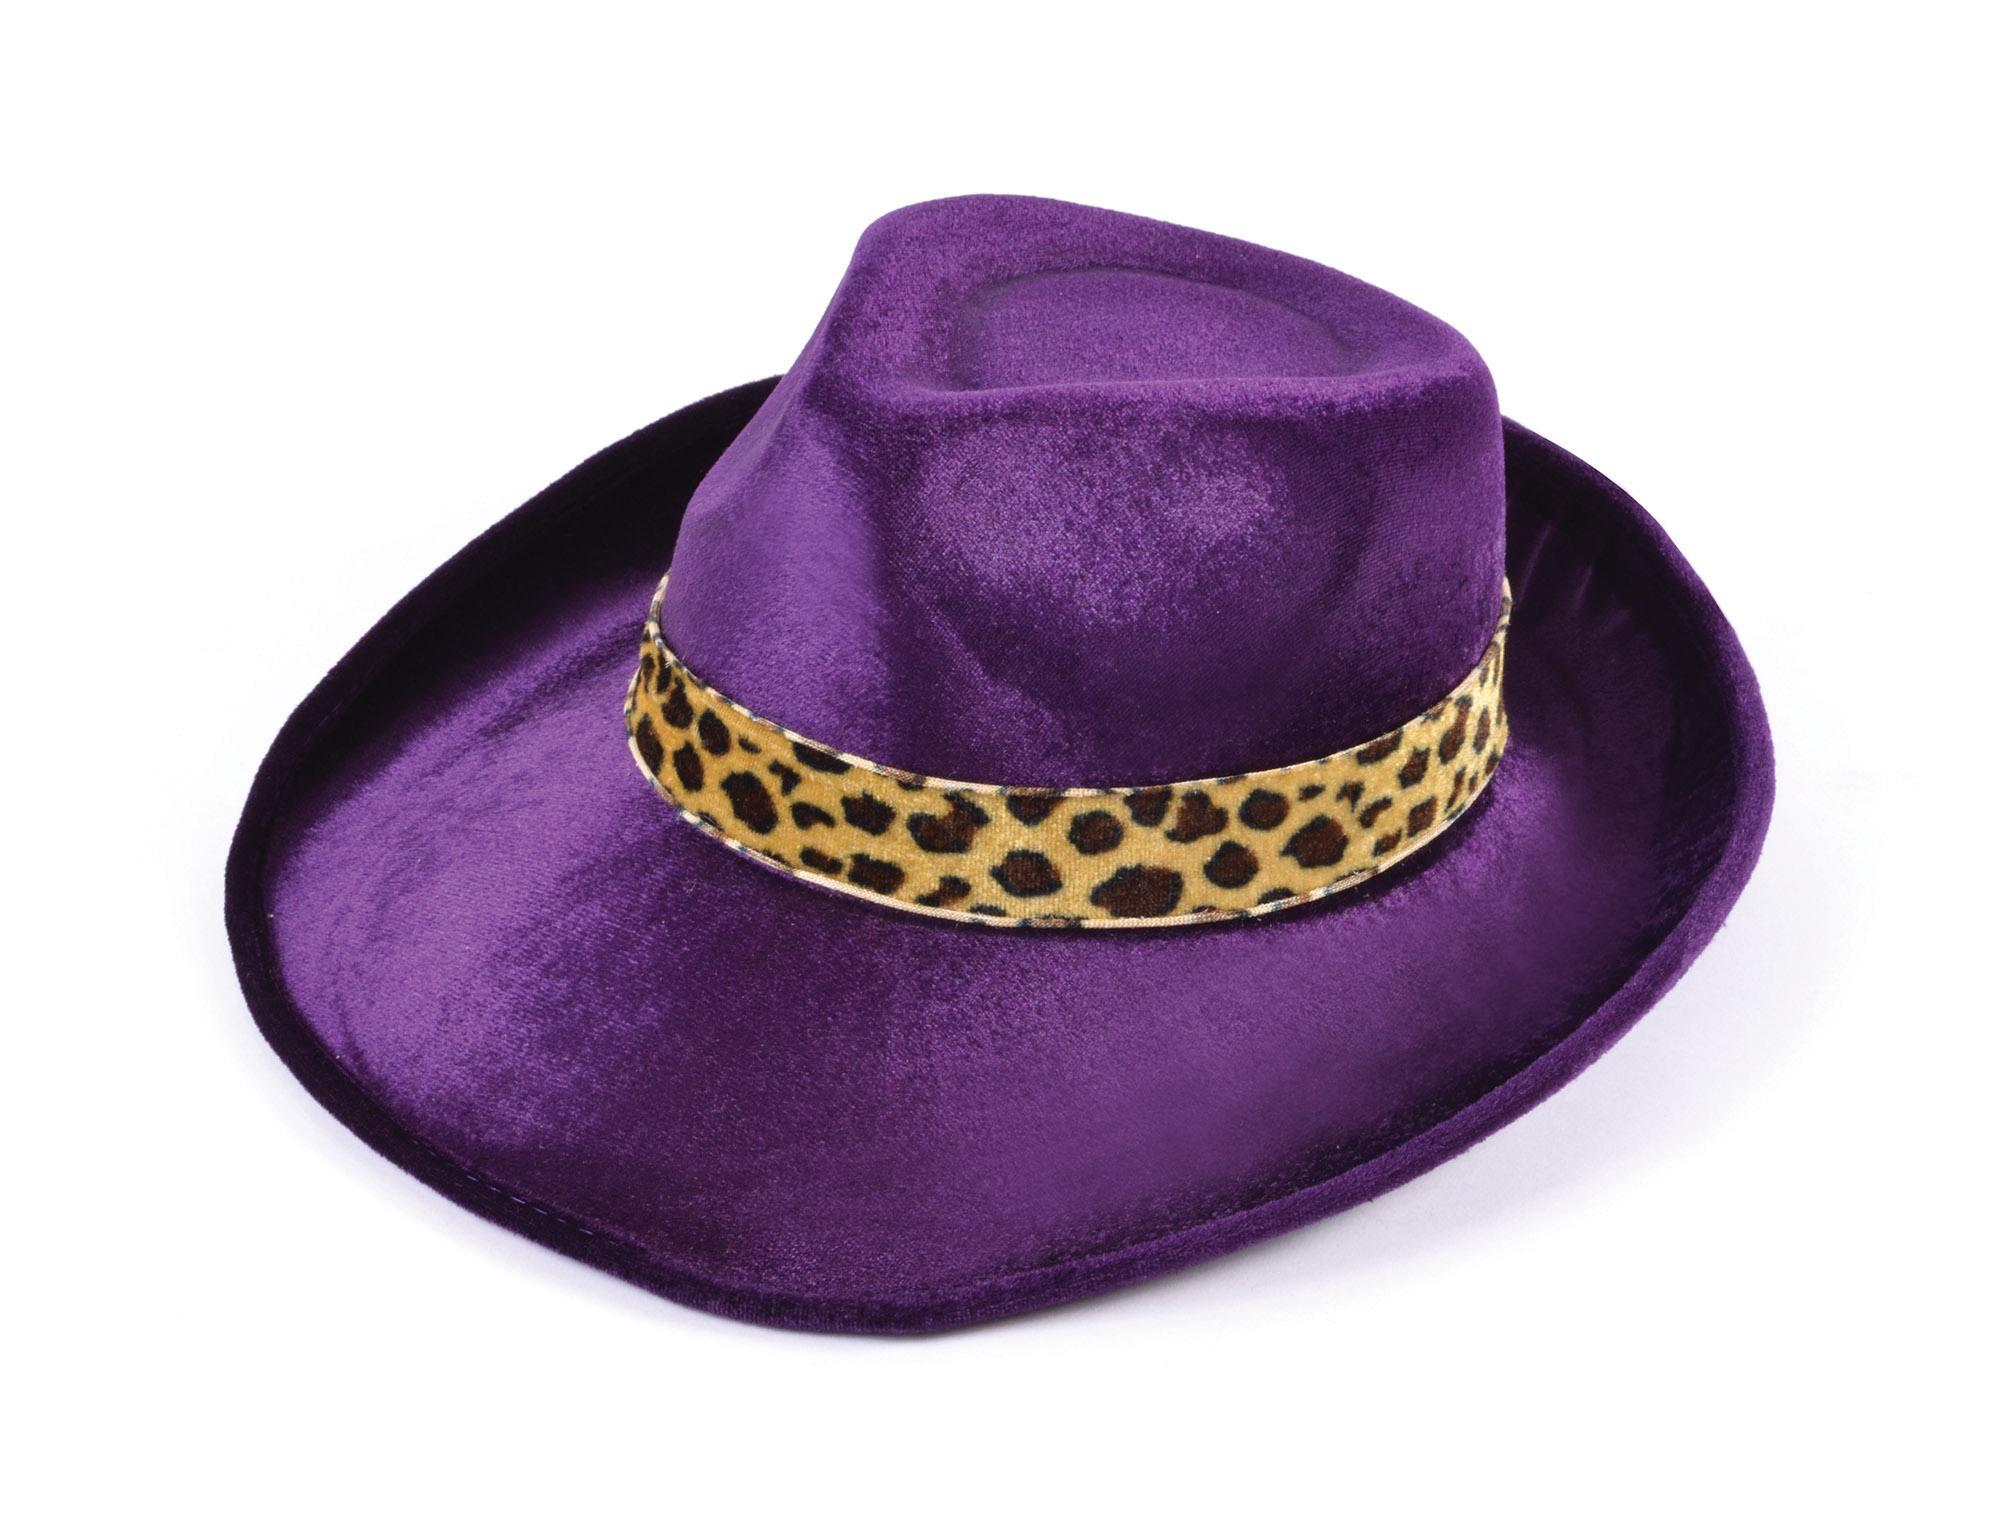 New Purple Velvet Fedora Hat 5051090044585  f863e242069